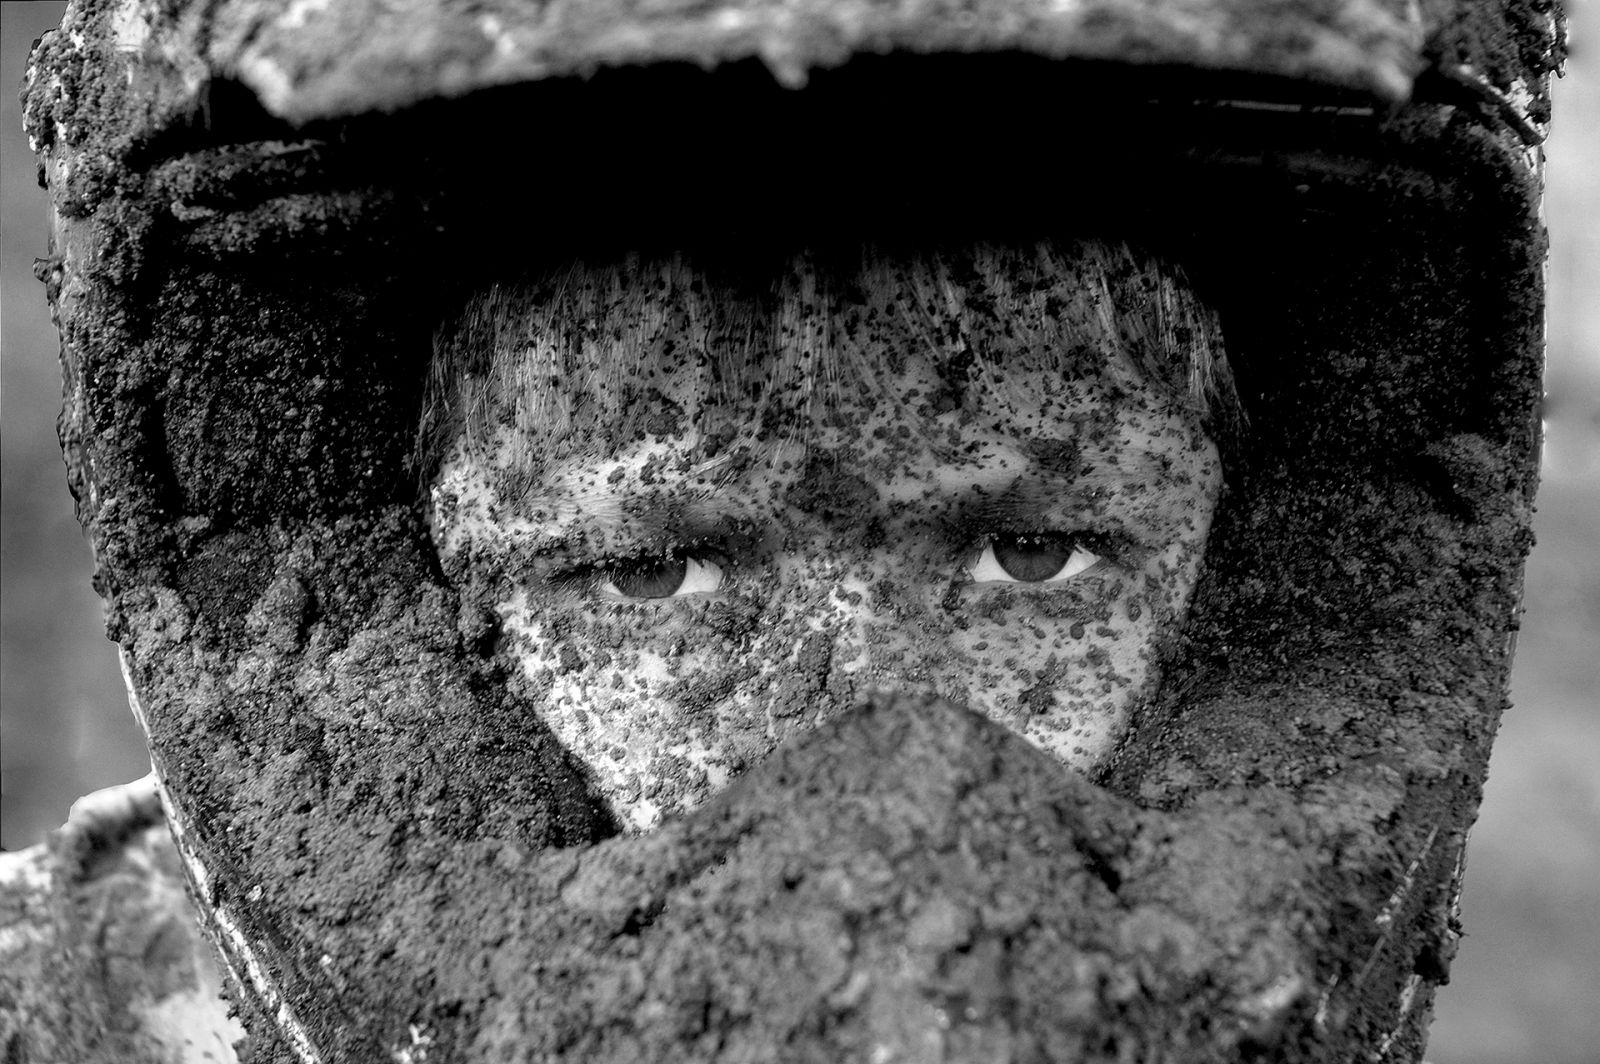 Взгляд победителя, © Виктор Силнов, Финалист фотоконкурса «Самая красивая страна – 2018»